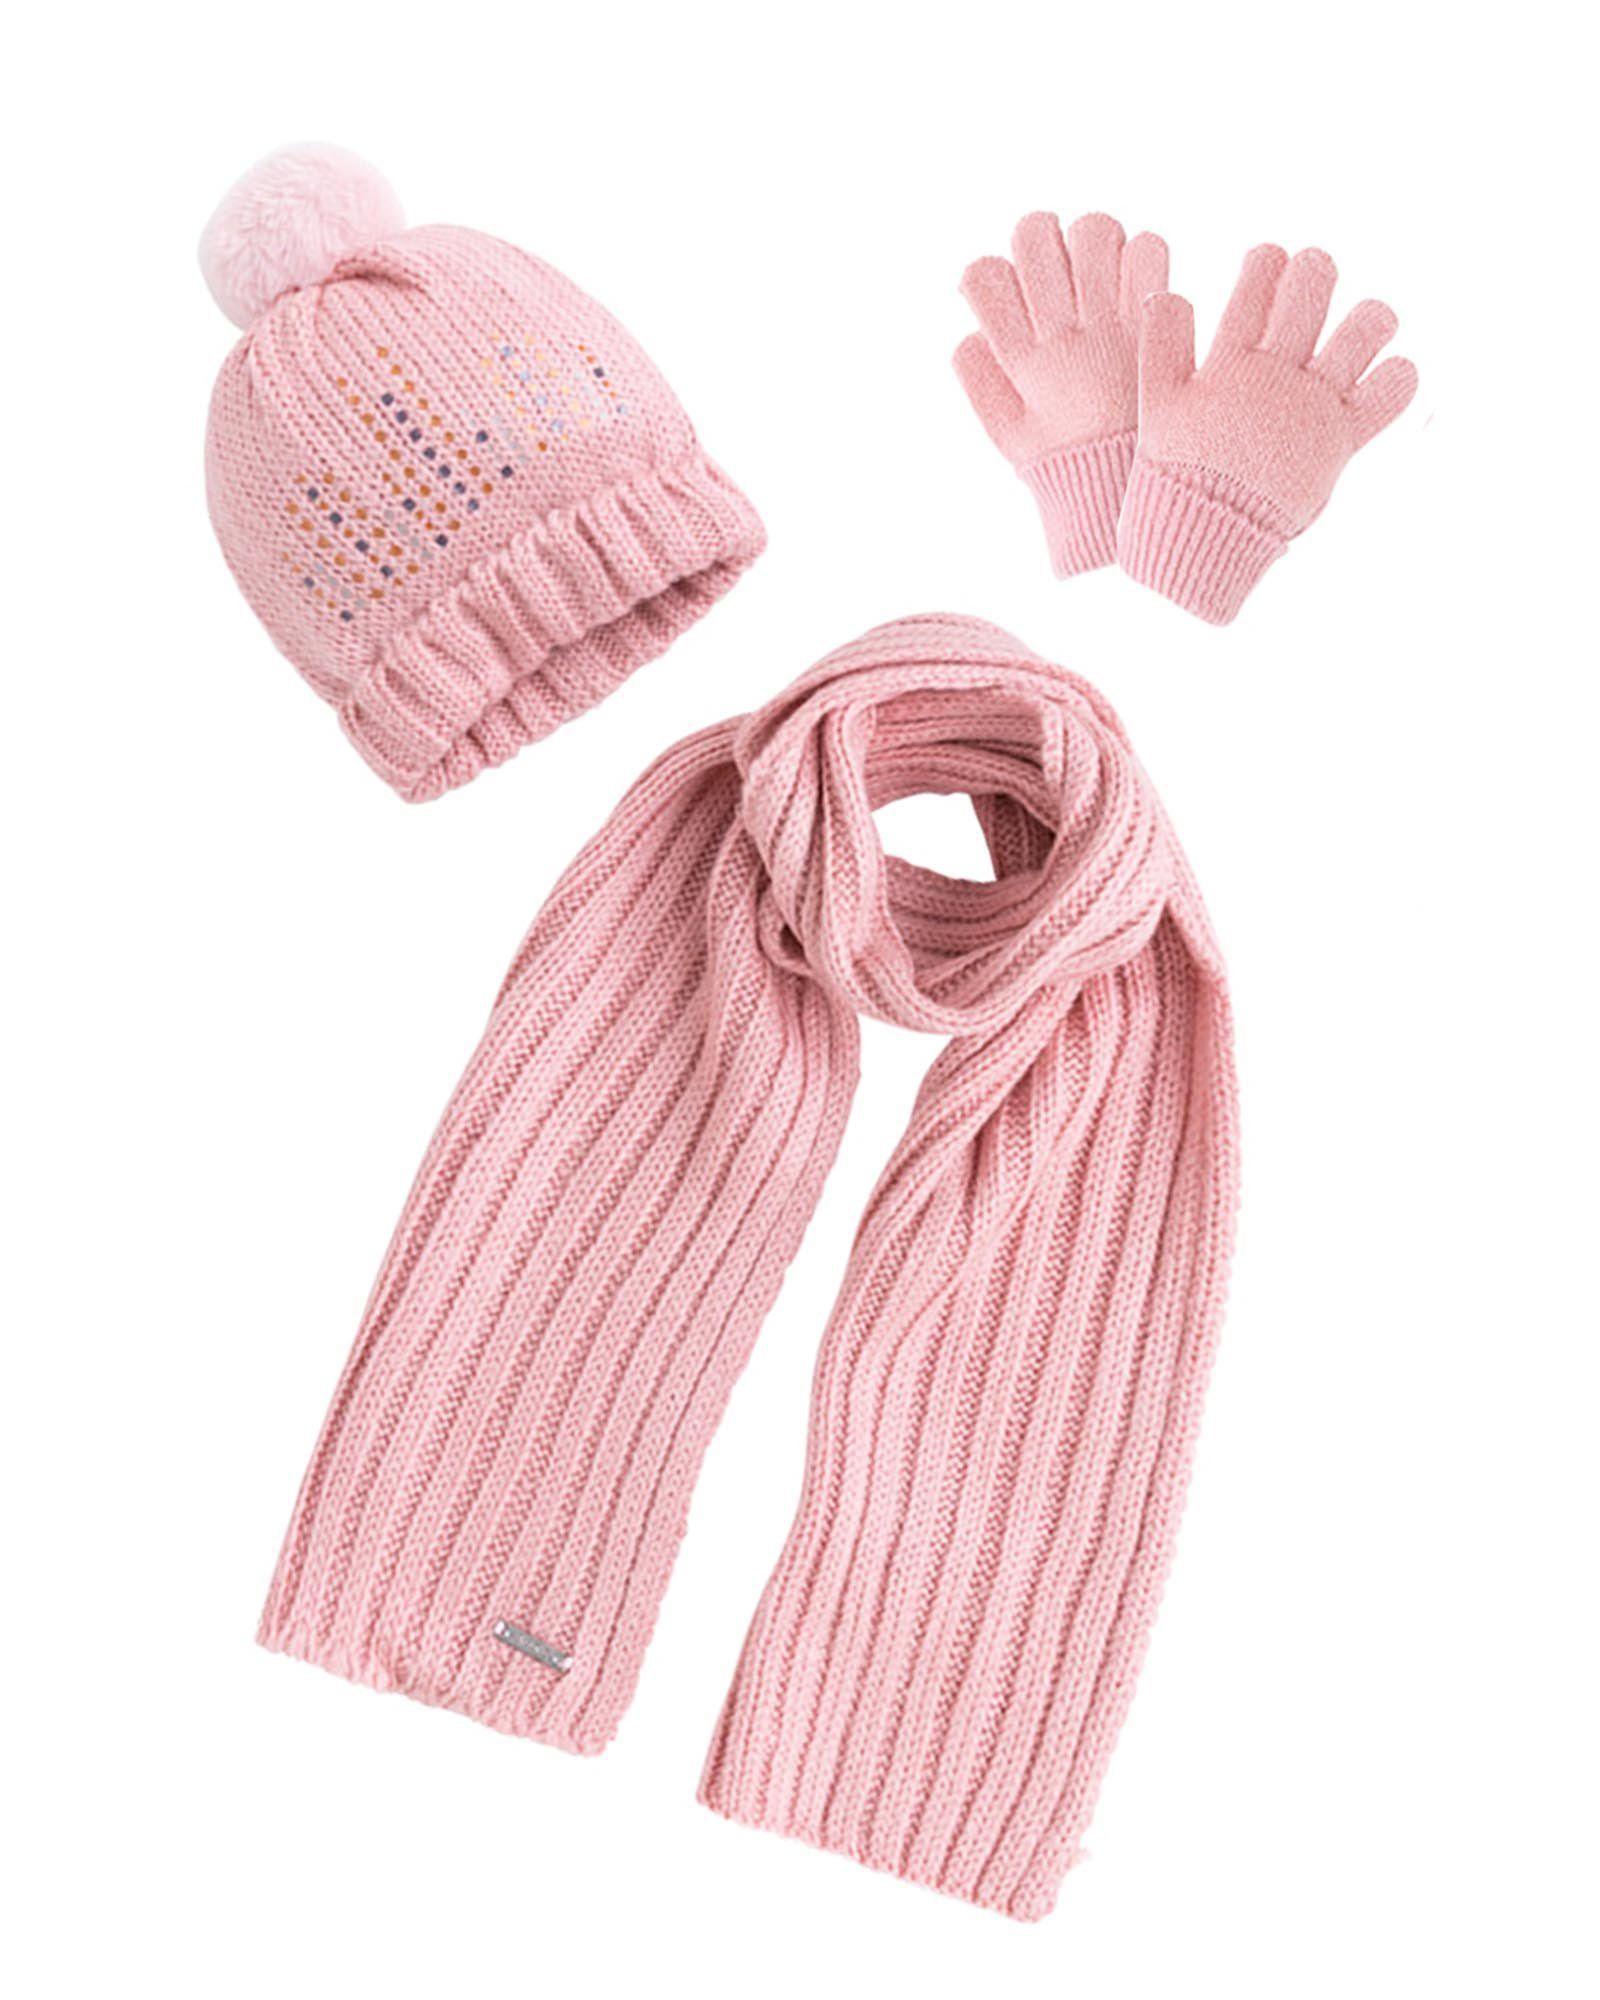 Jumping Beans Winter Pom Hat /& Gloves 2-Item Set for Girls